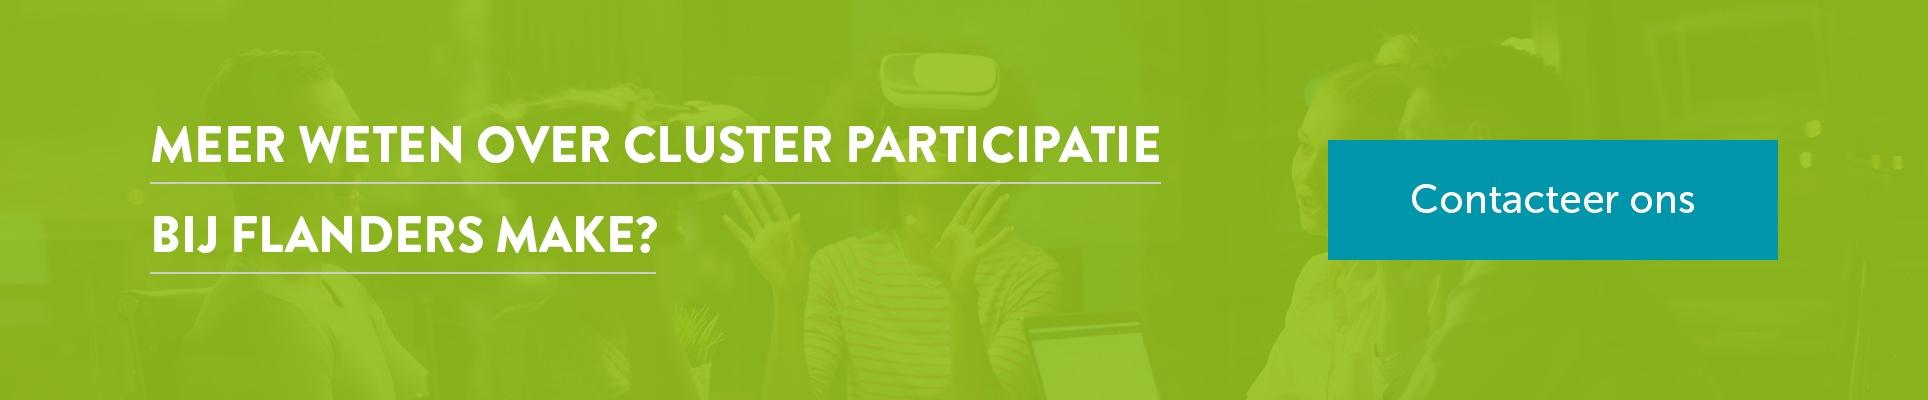 Meer weten over cluster participatie? Contacteer ons.